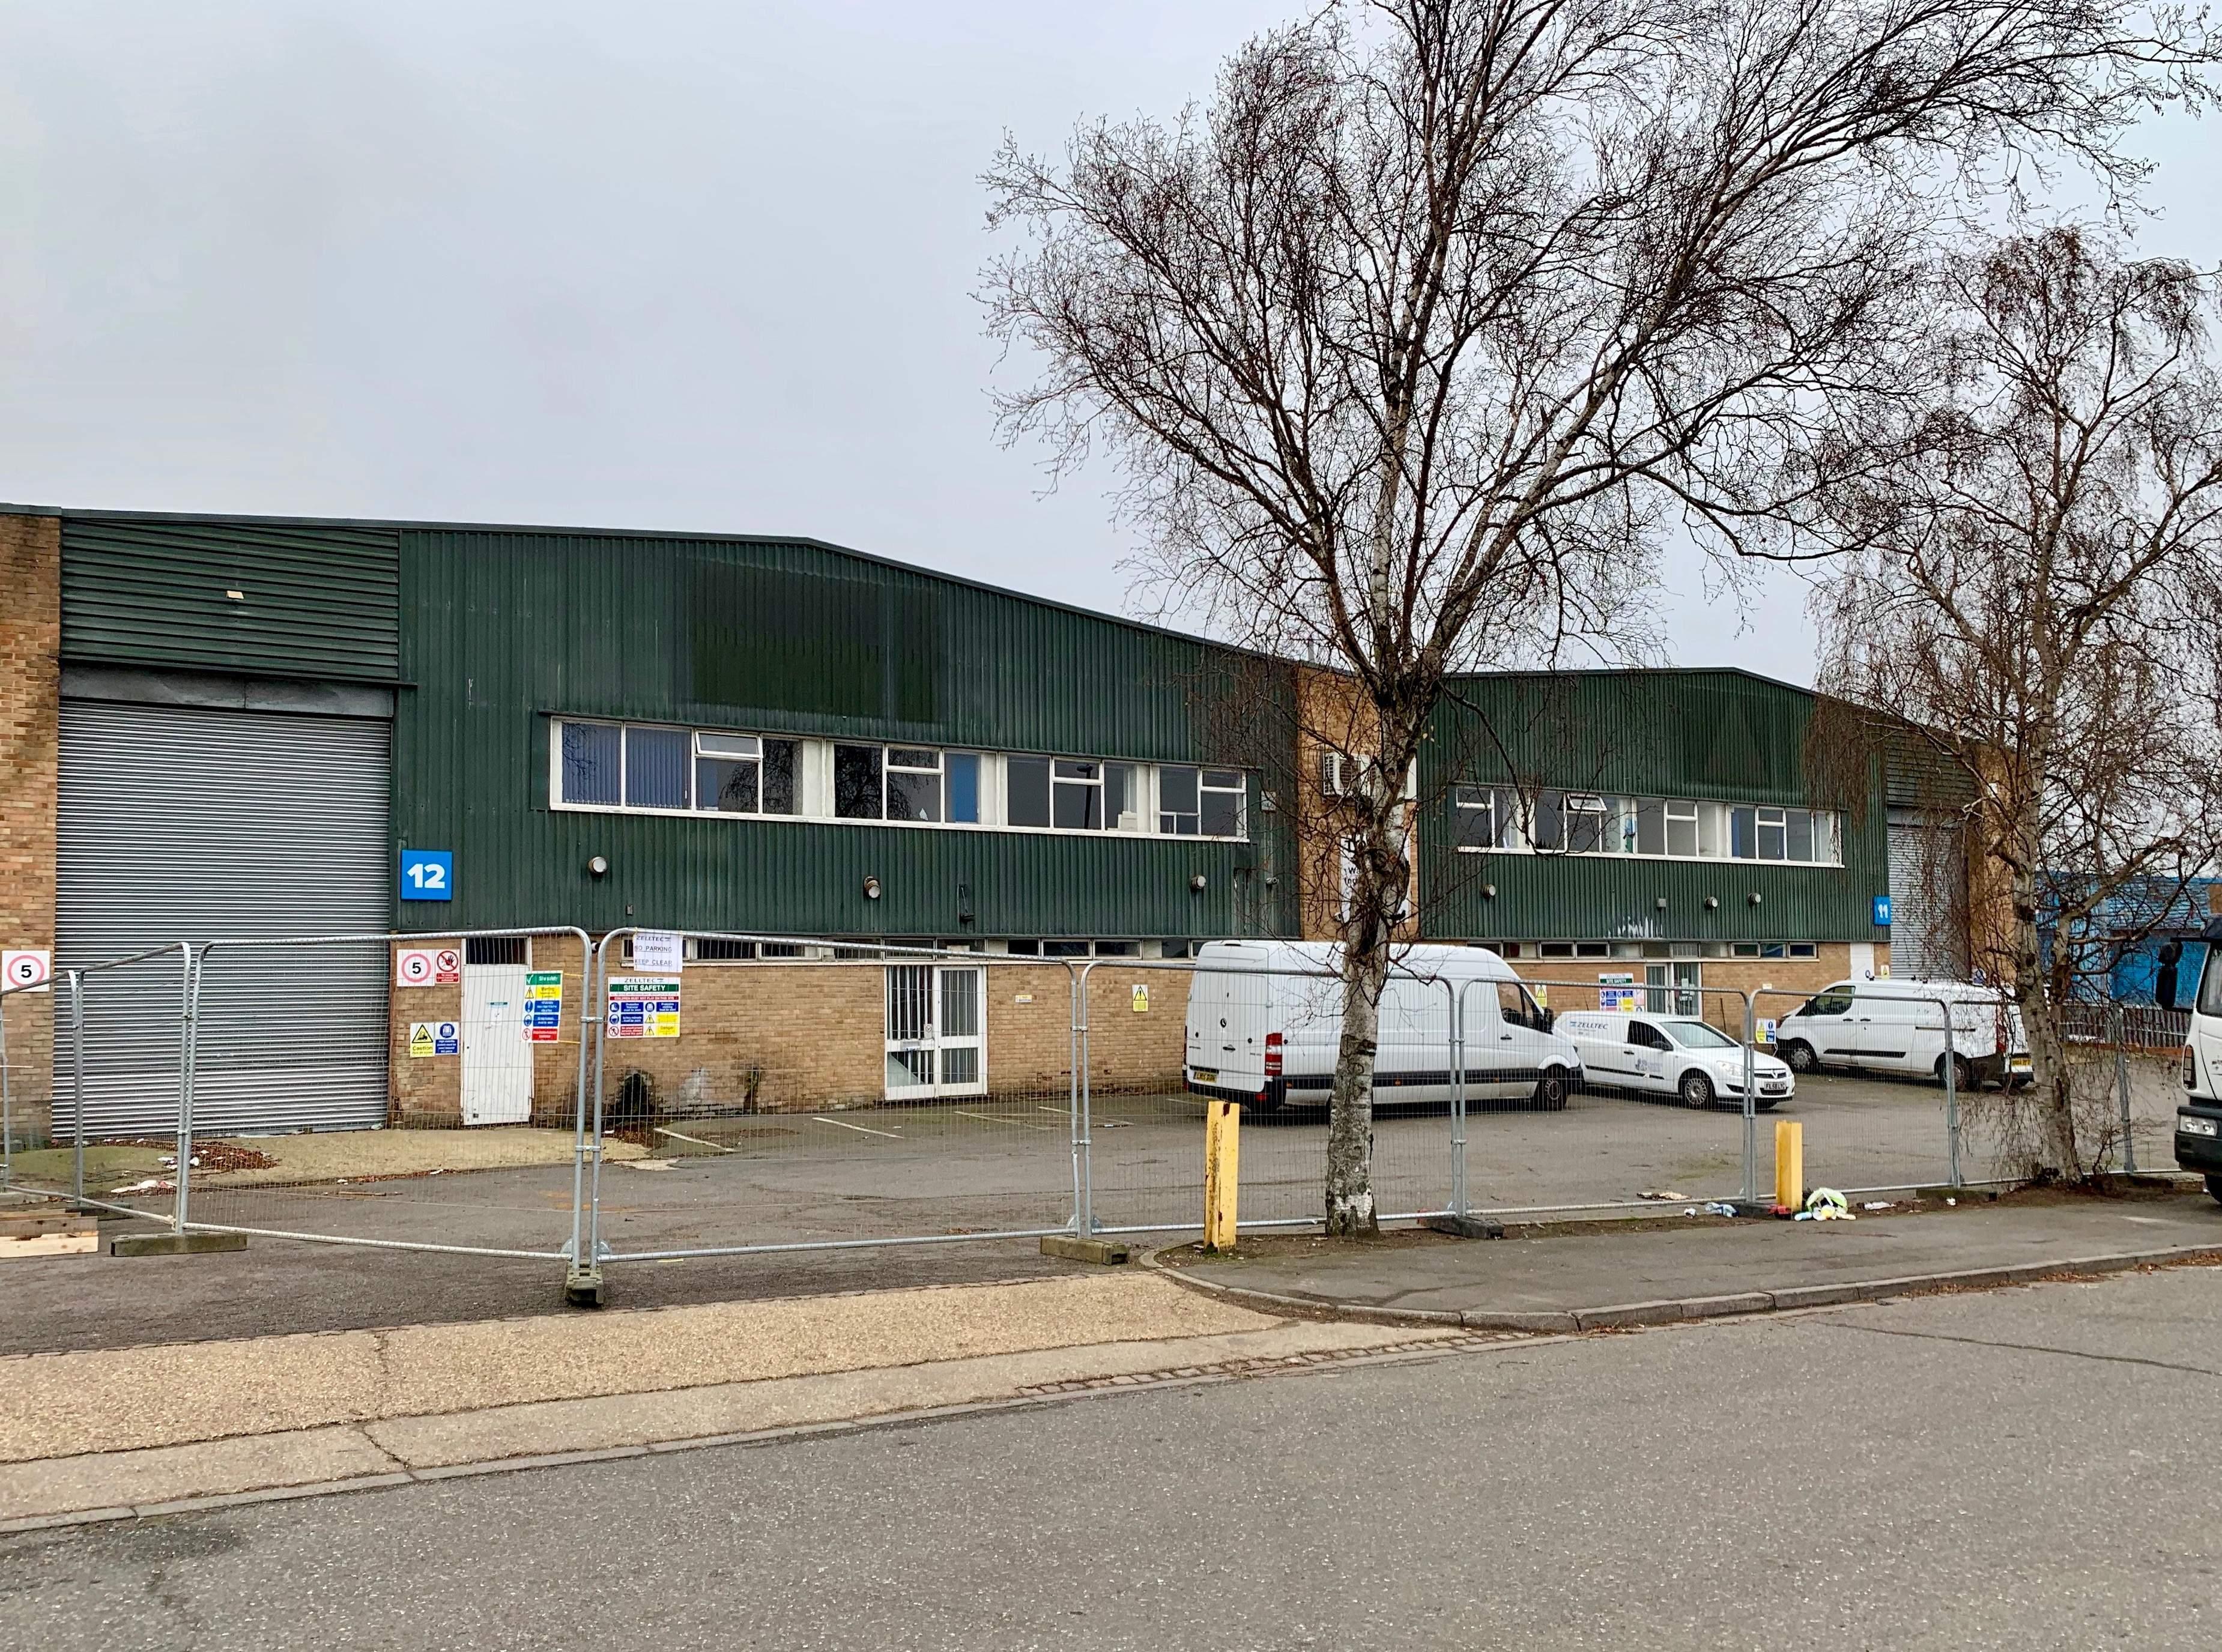 11/12 Stadium Industrial Estate Luton Under Refurbishment January 2019